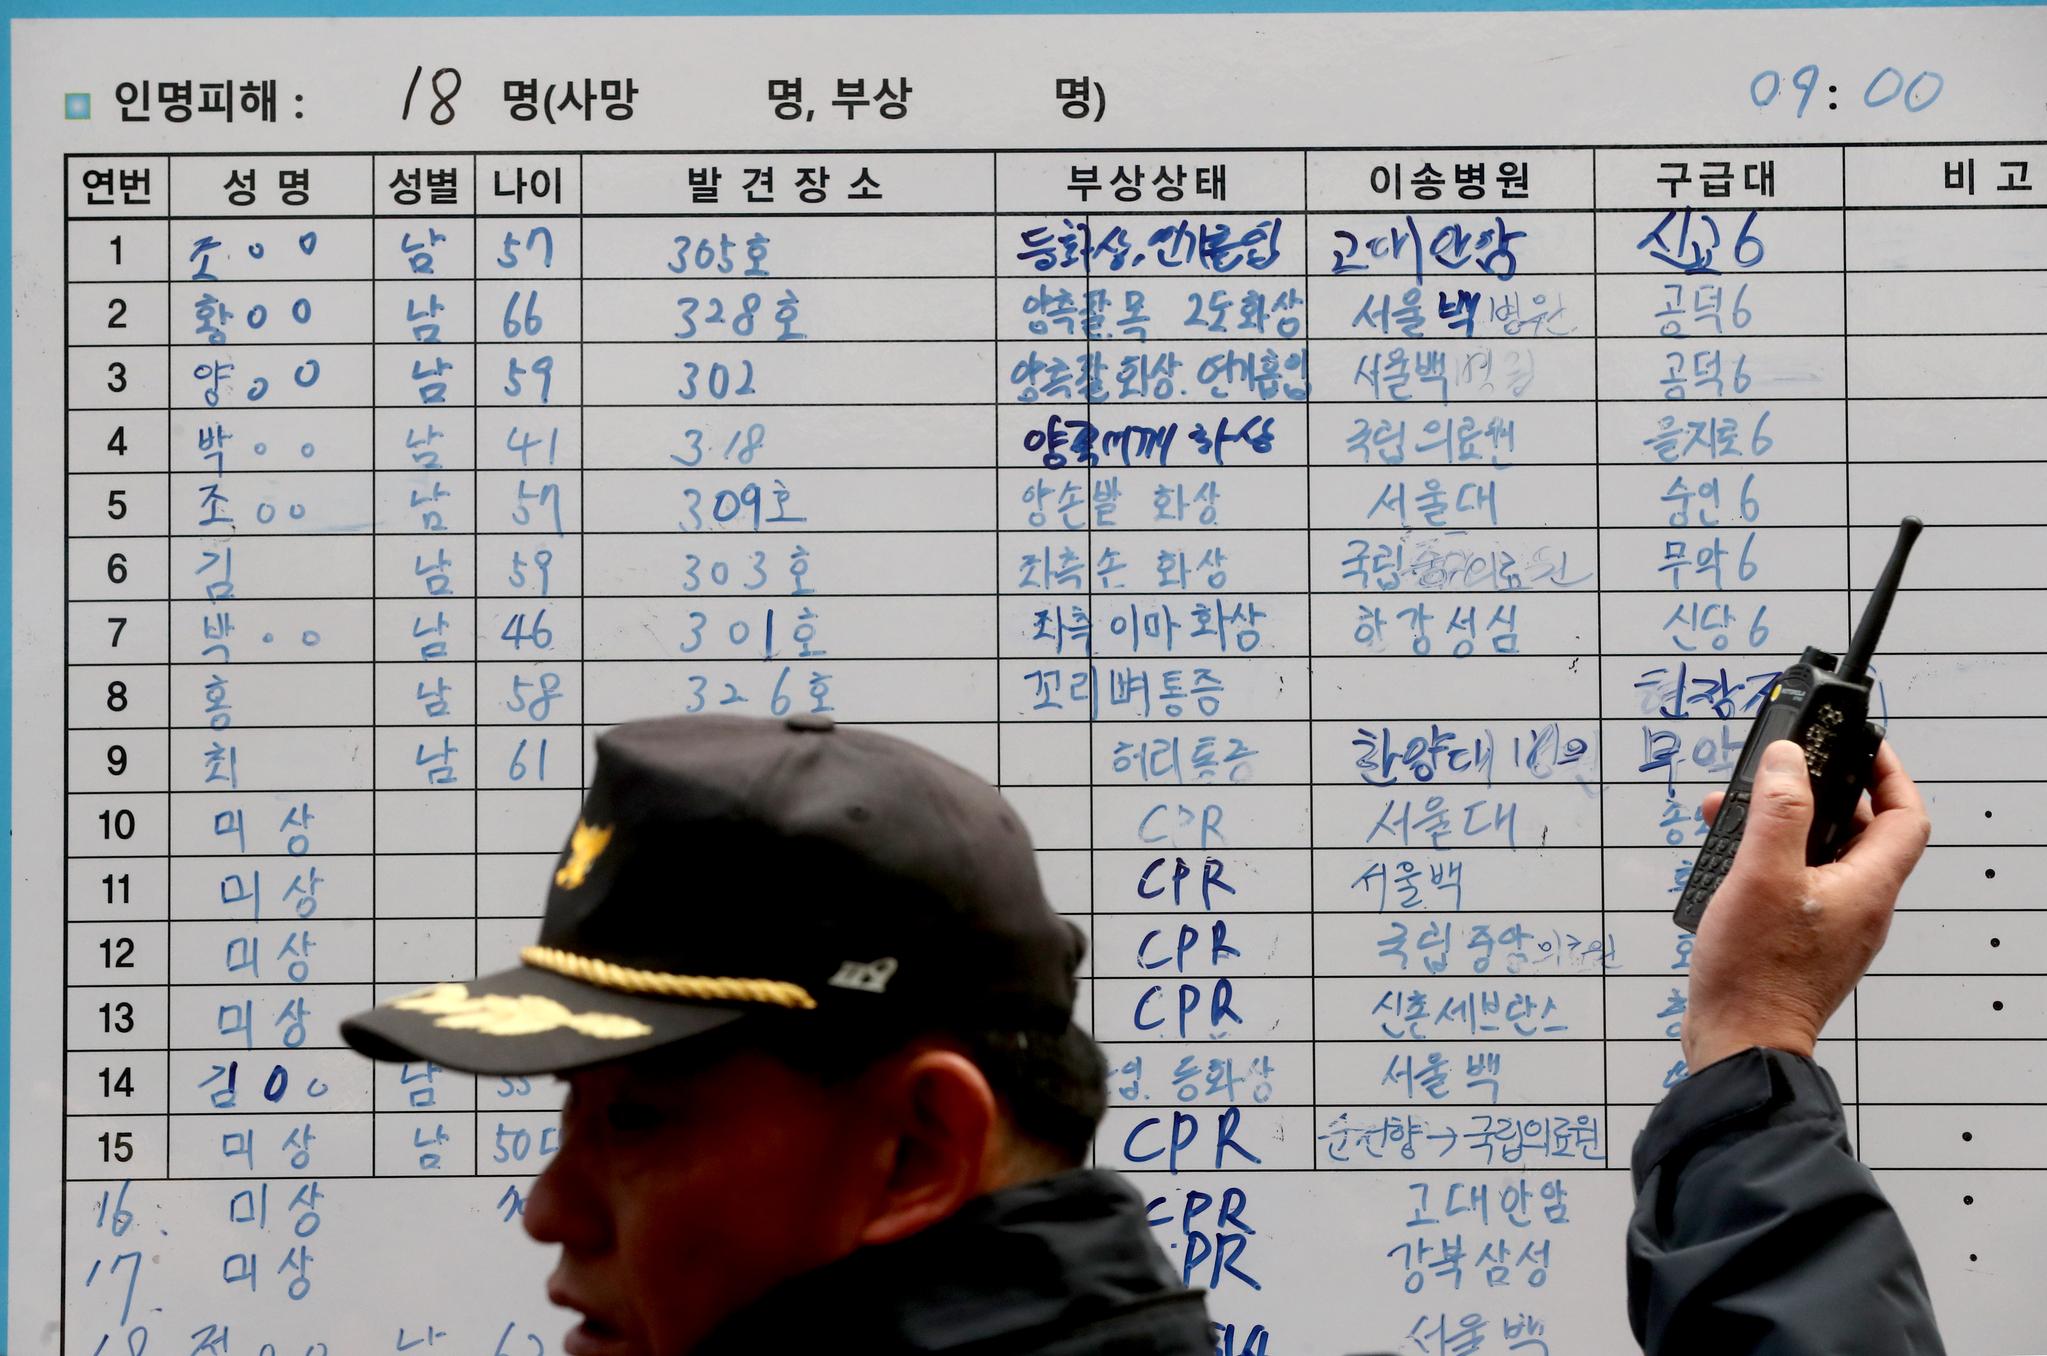 9일 새벽 서울 종로구 관수동의 국일고시원에 화재가 발생해 최소 6명의 사망자가 발생했다. 종로소방서 관계자가 언론에 브리핑을 하고 있다. 최정동 기자